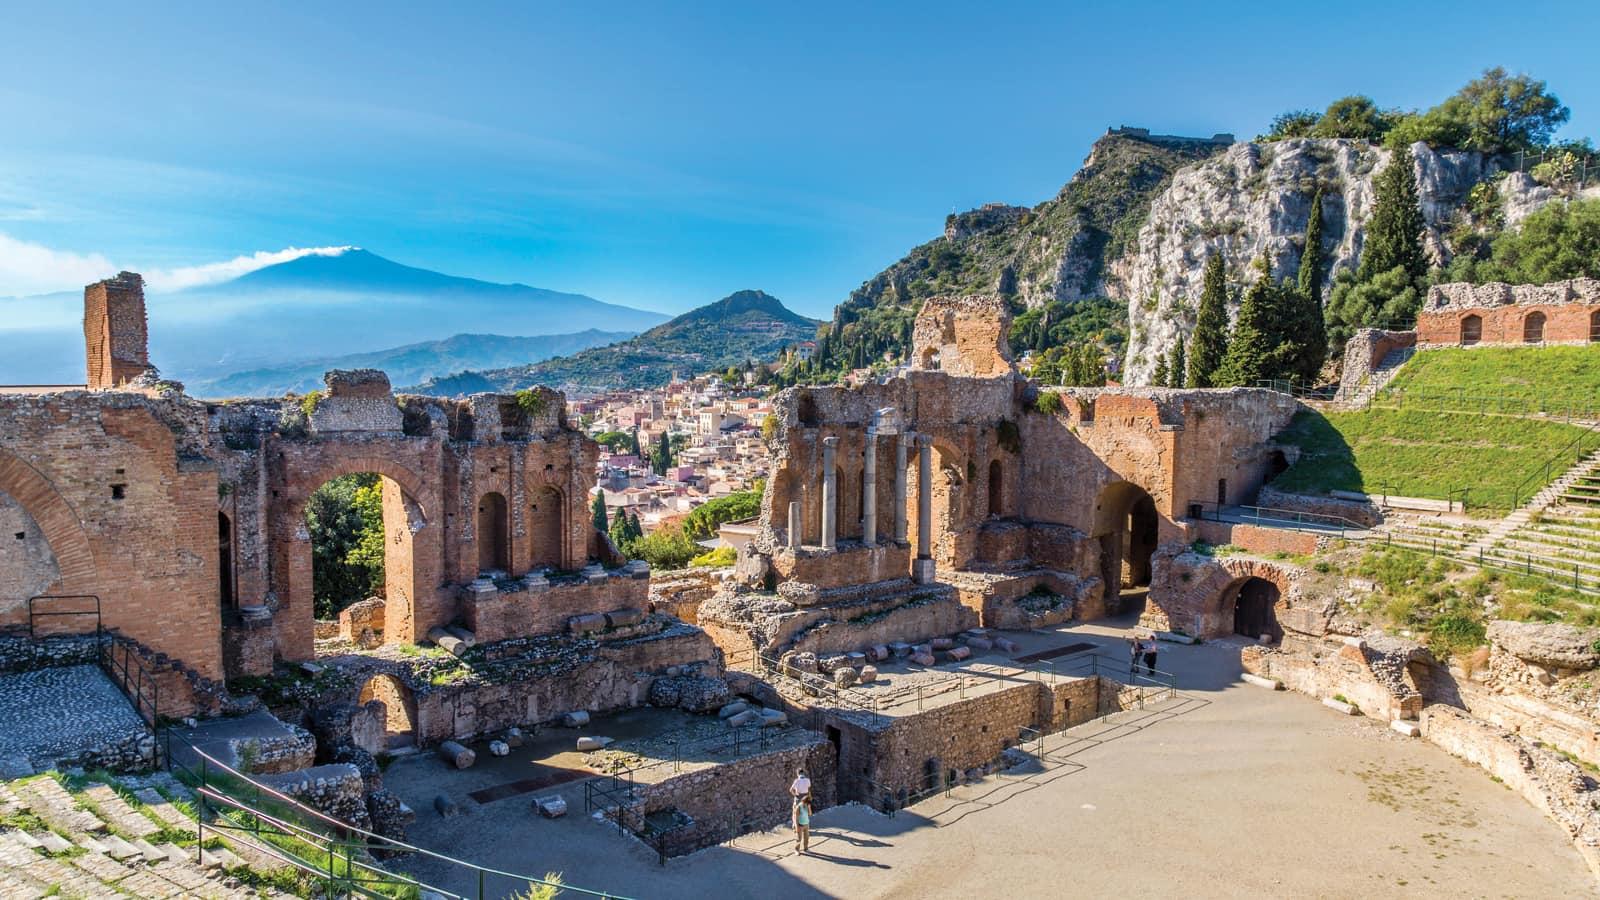 Sicily mount etna syracuse catania tour topflight - Hotel ai giardini naxos ...